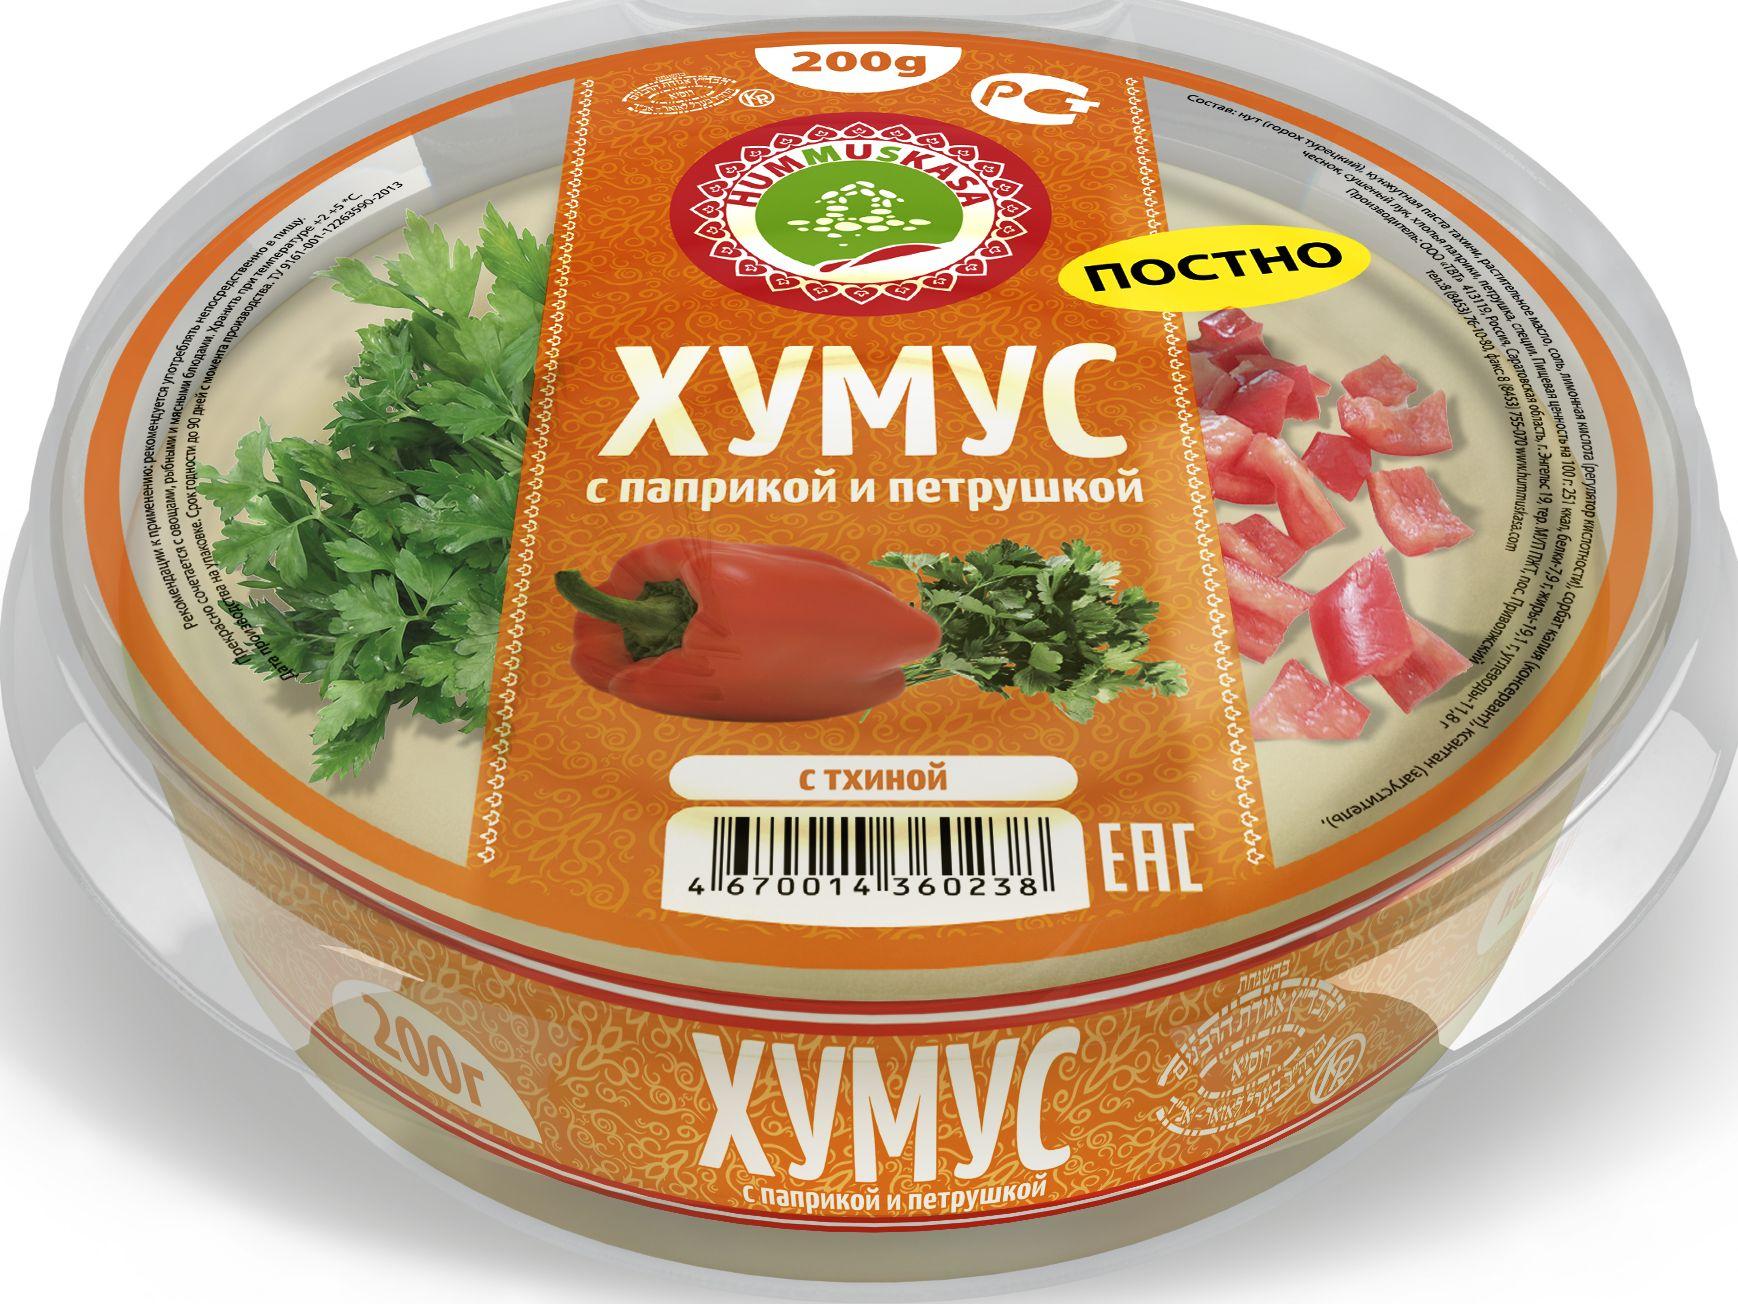 Hummuskasa Хумус с паприкой и петрушкой, 200 г kuhne овощные чипсы с паприкой 75 г